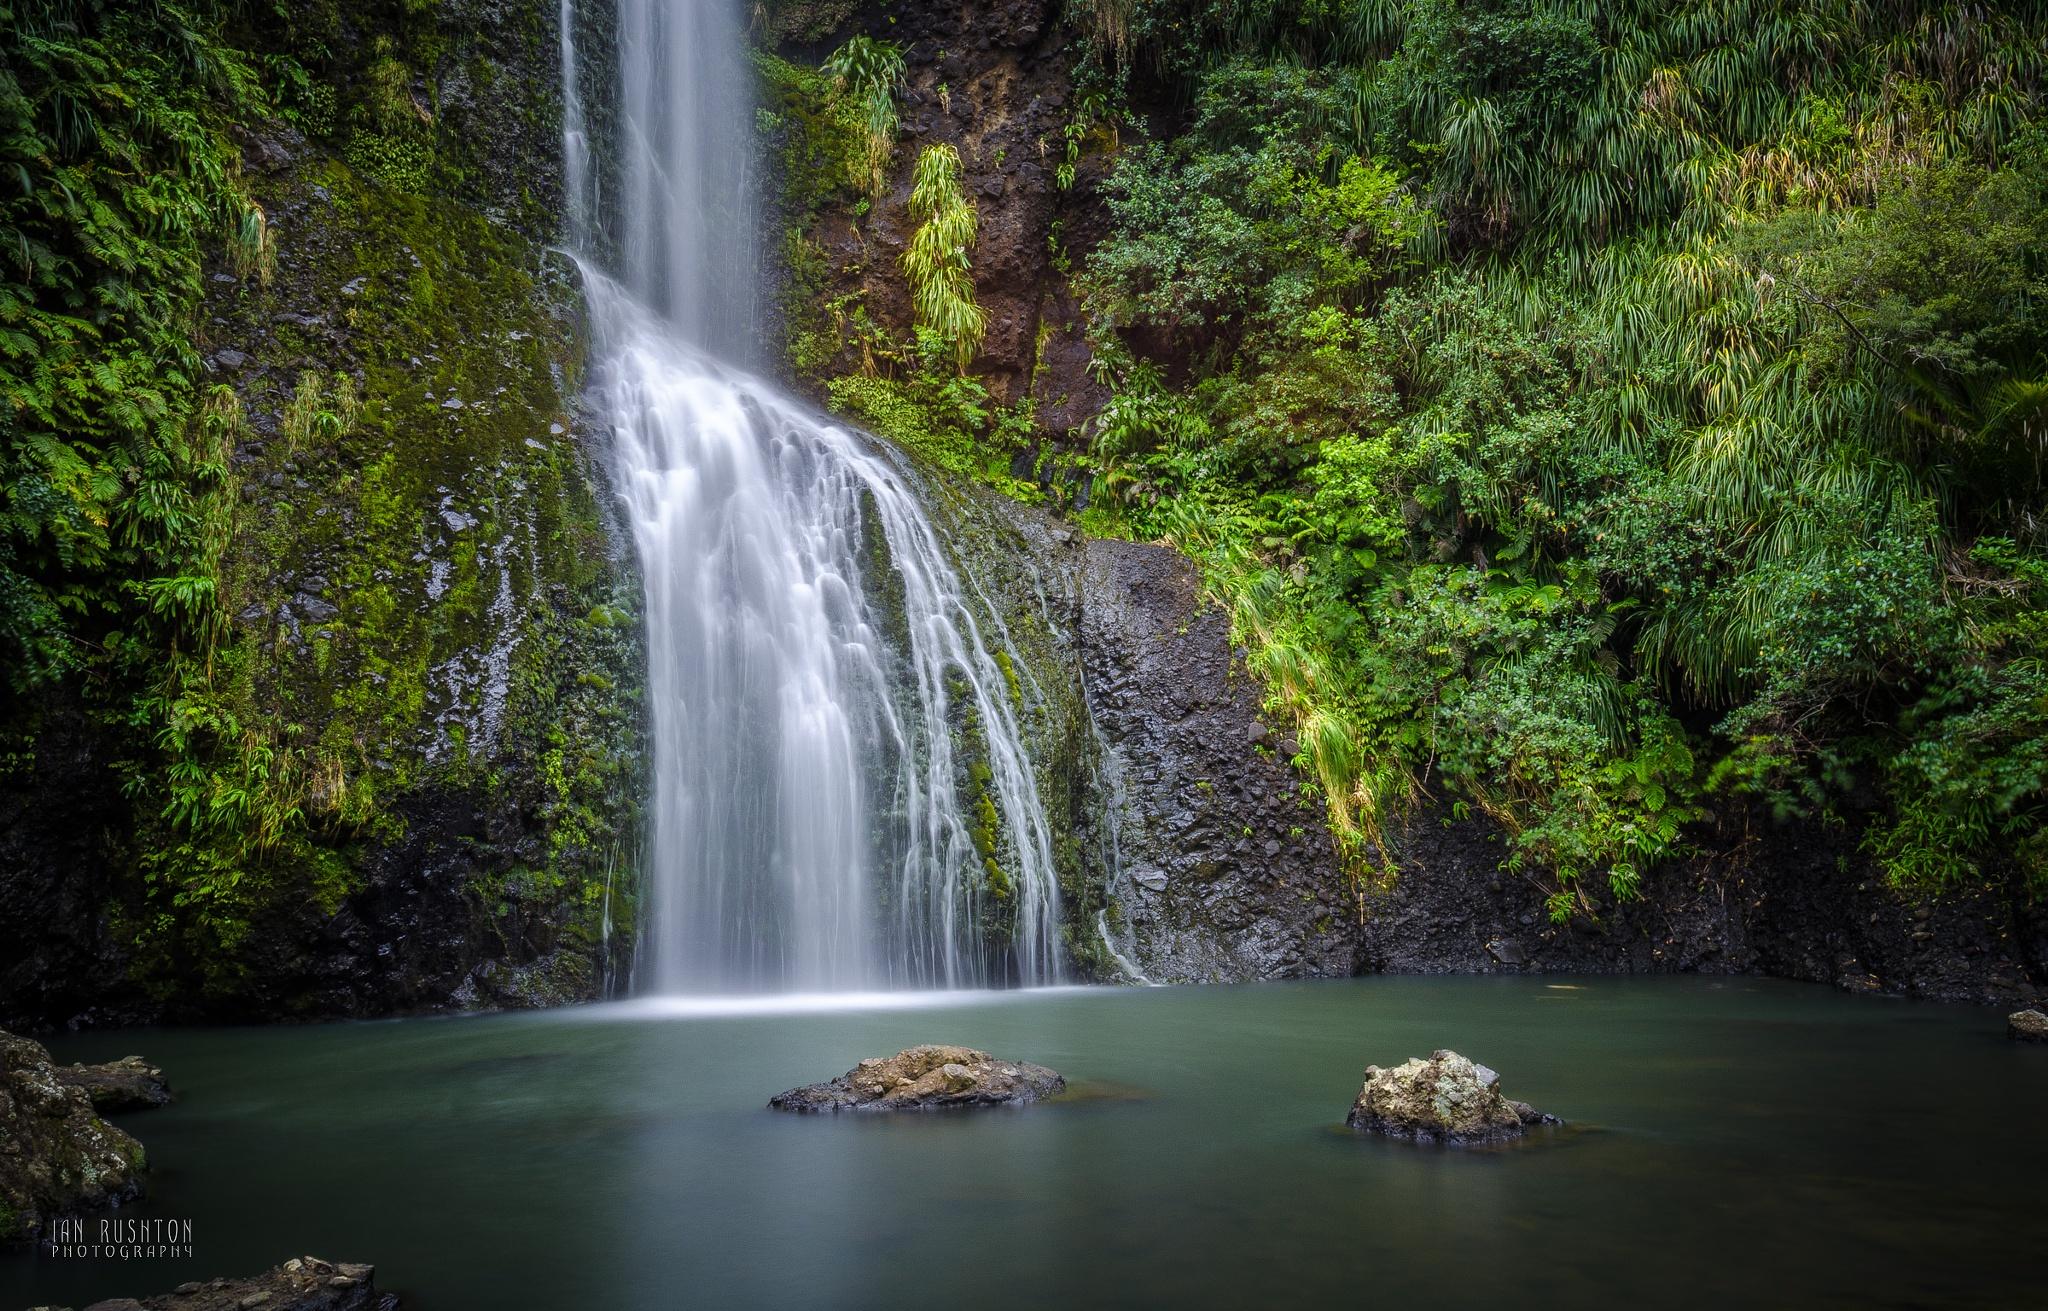 Kitekite Falls (3) by Ian Rushton